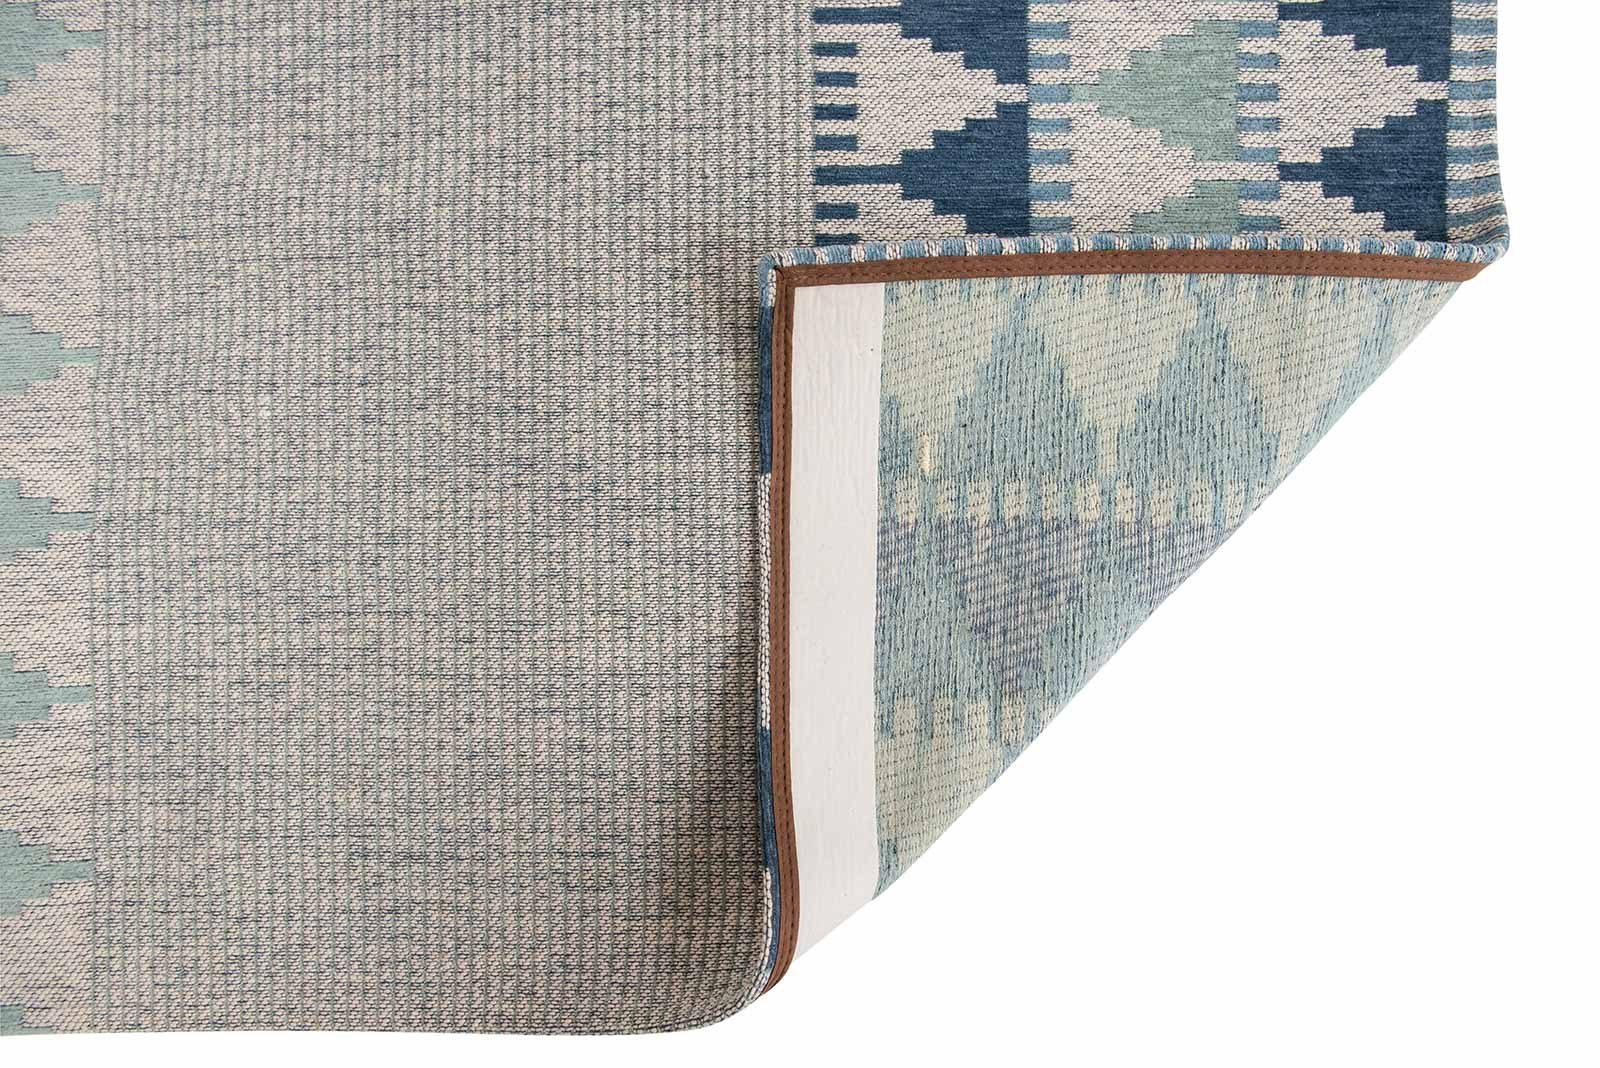 Louis De Poortere alfombras Villa Nova LX 8766 Tobi Teal back